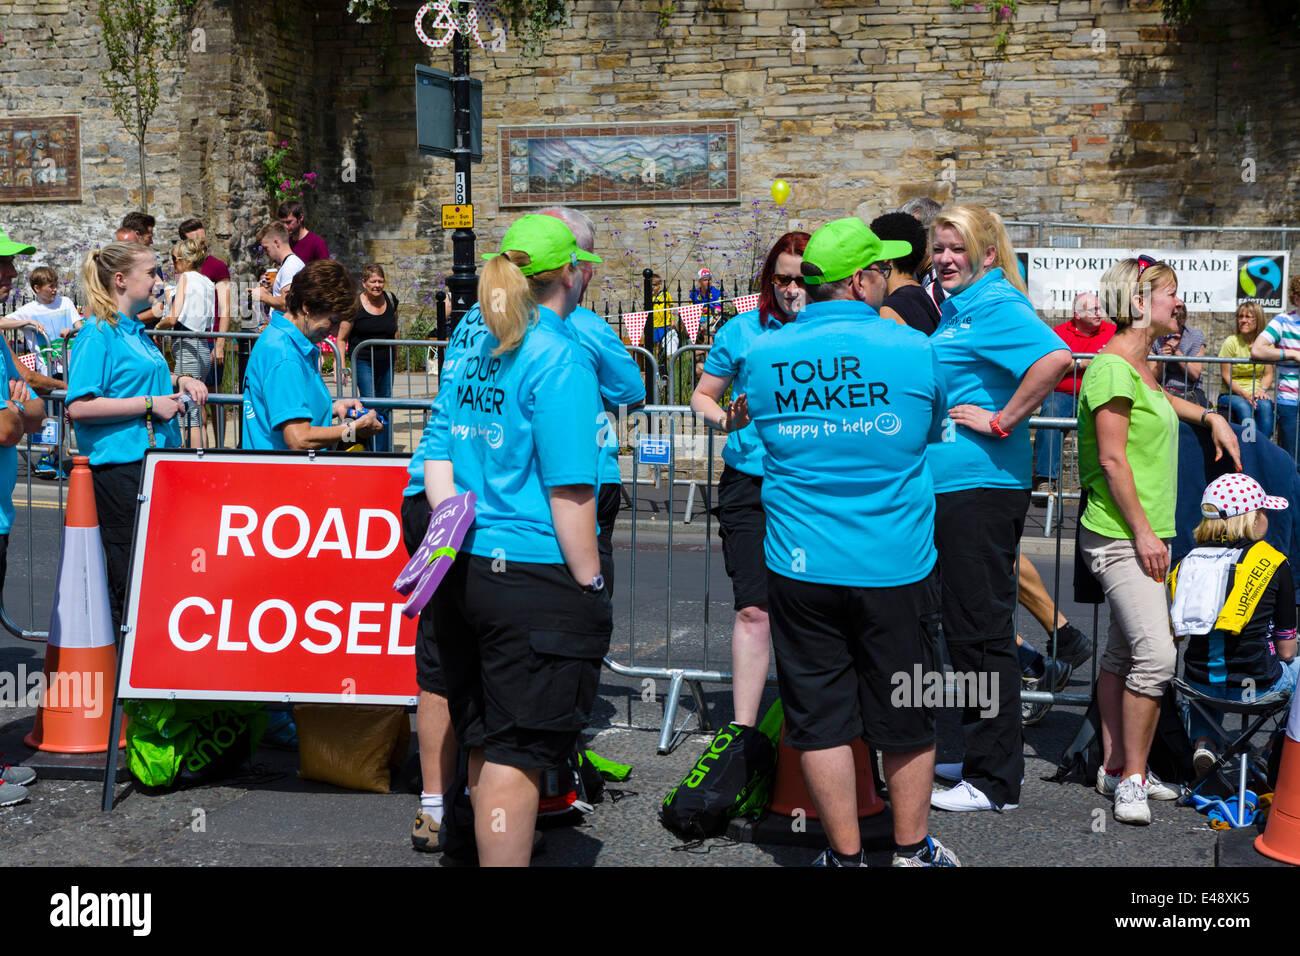 Tour décideurs dans le centre de la ville de West Yorkshire Holmfirth dans l'attente de l'arrivée Photo Stock